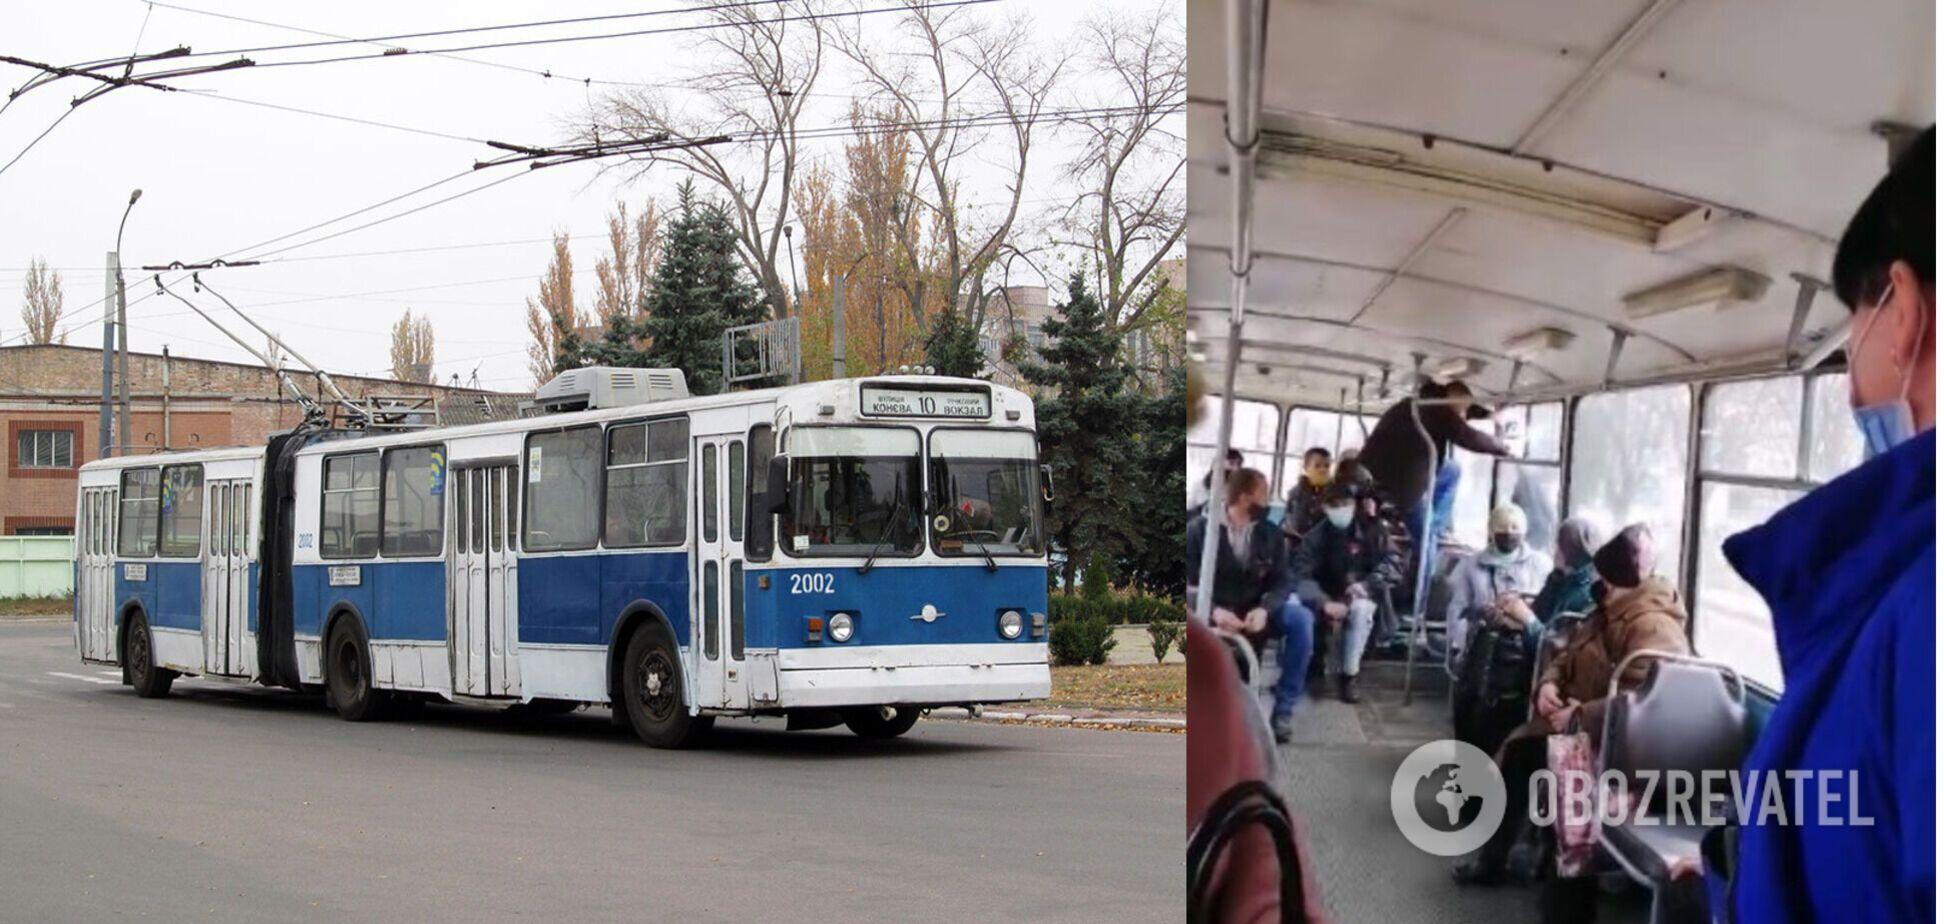 У Черкасах пасажир вдарив кондукторку і втік через вікно тролейбуса. Відео